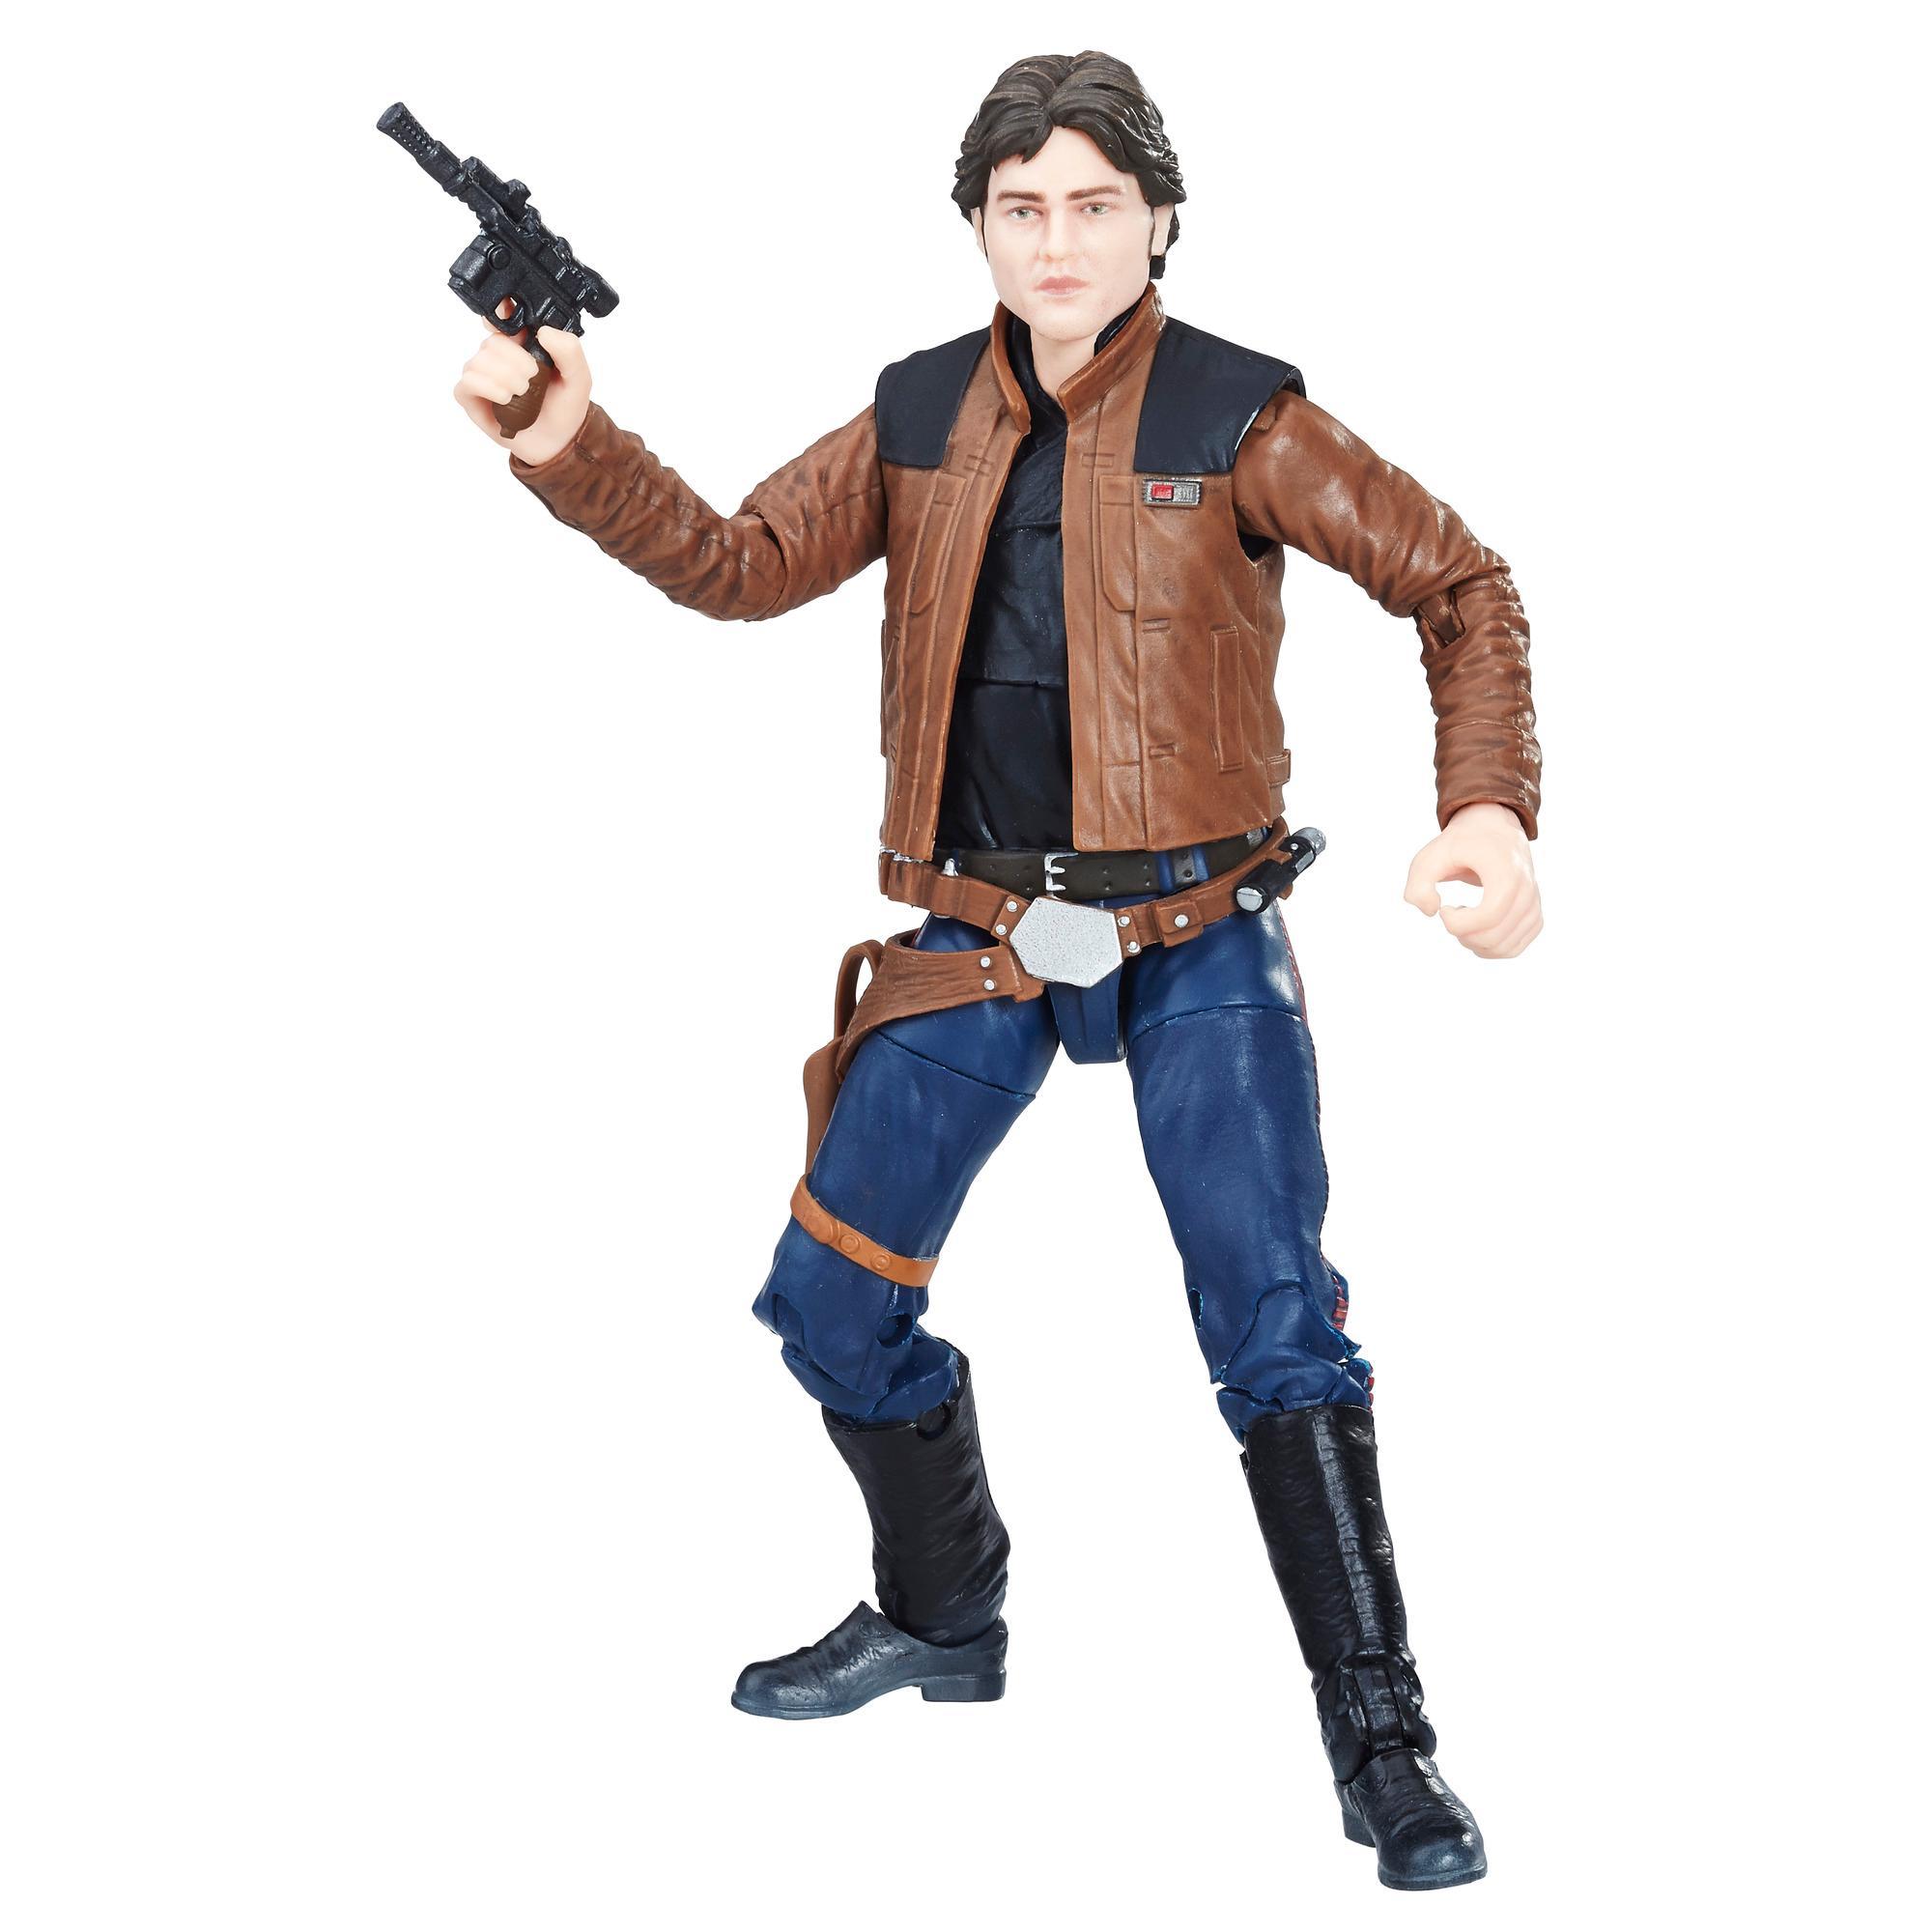 Star Wars The Black Series - Figura Han Solo de 15 cm